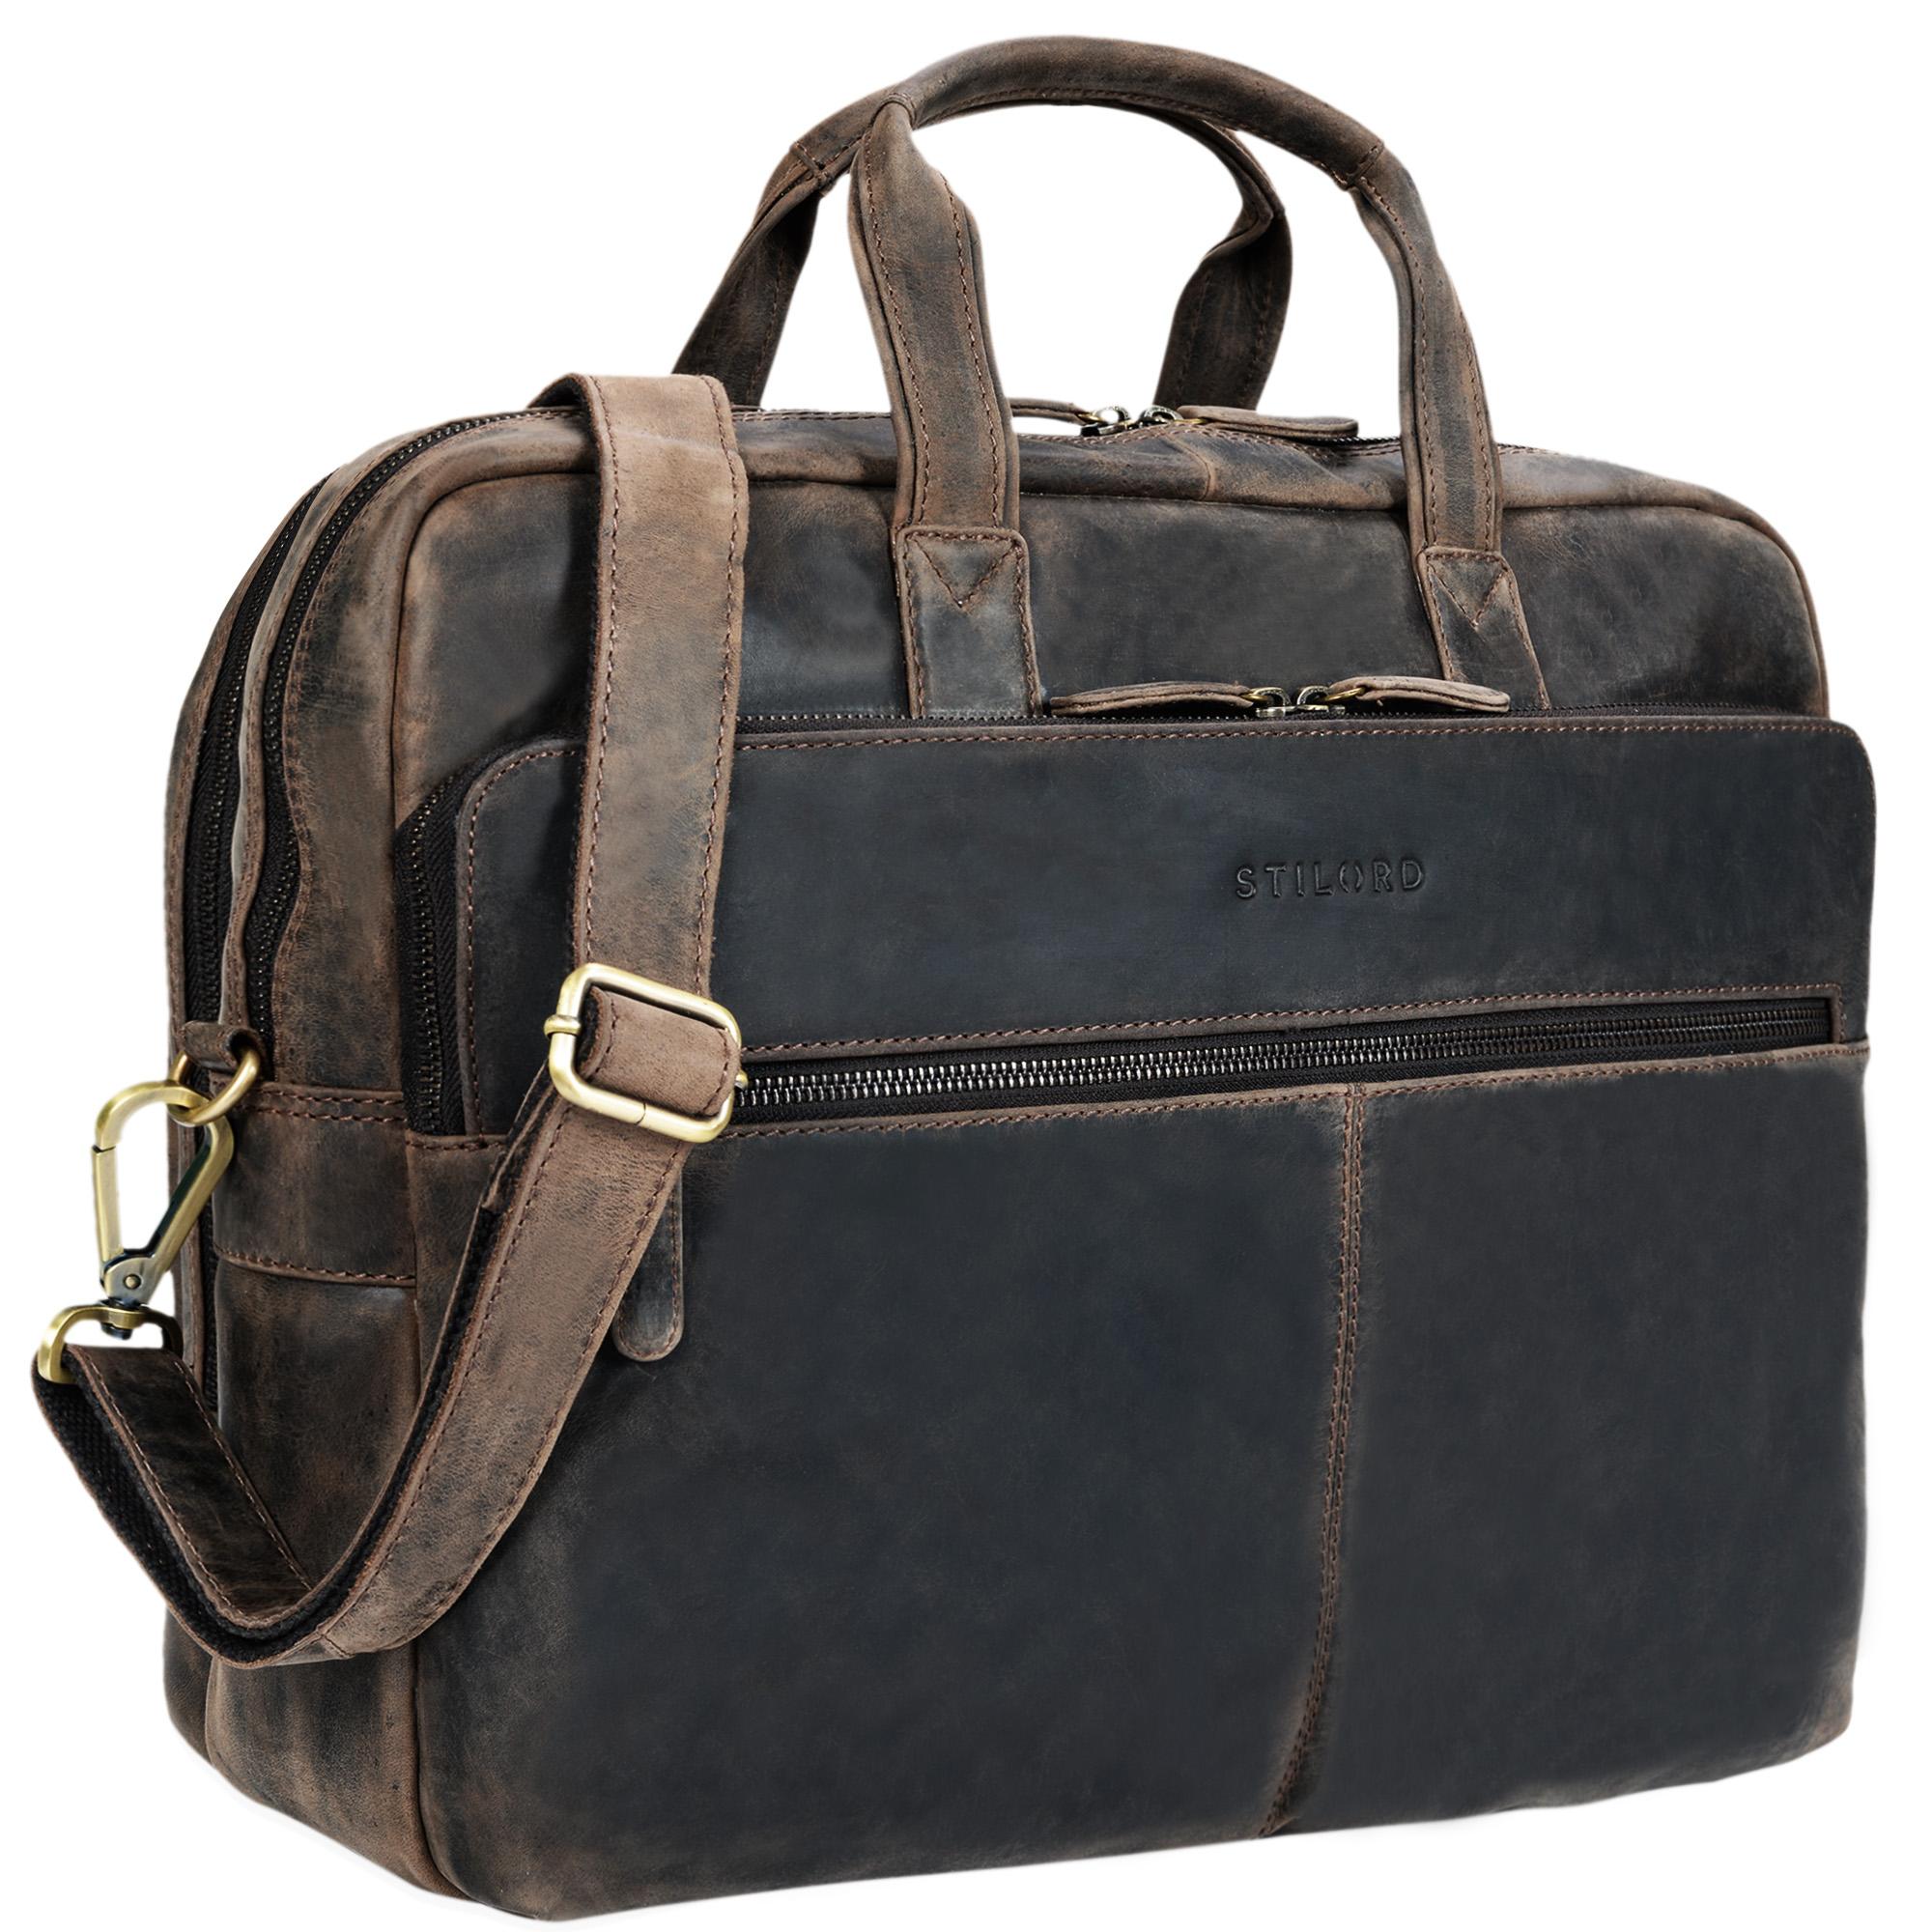 """STILORD """"William"""" Businesstasche Leder groß XL Lehrertasche Aktentasche 15,6 Zoll Laptoptasche Bürotasche Ledertasche Vintage Umhängetasche Echtleder - Bild 9"""